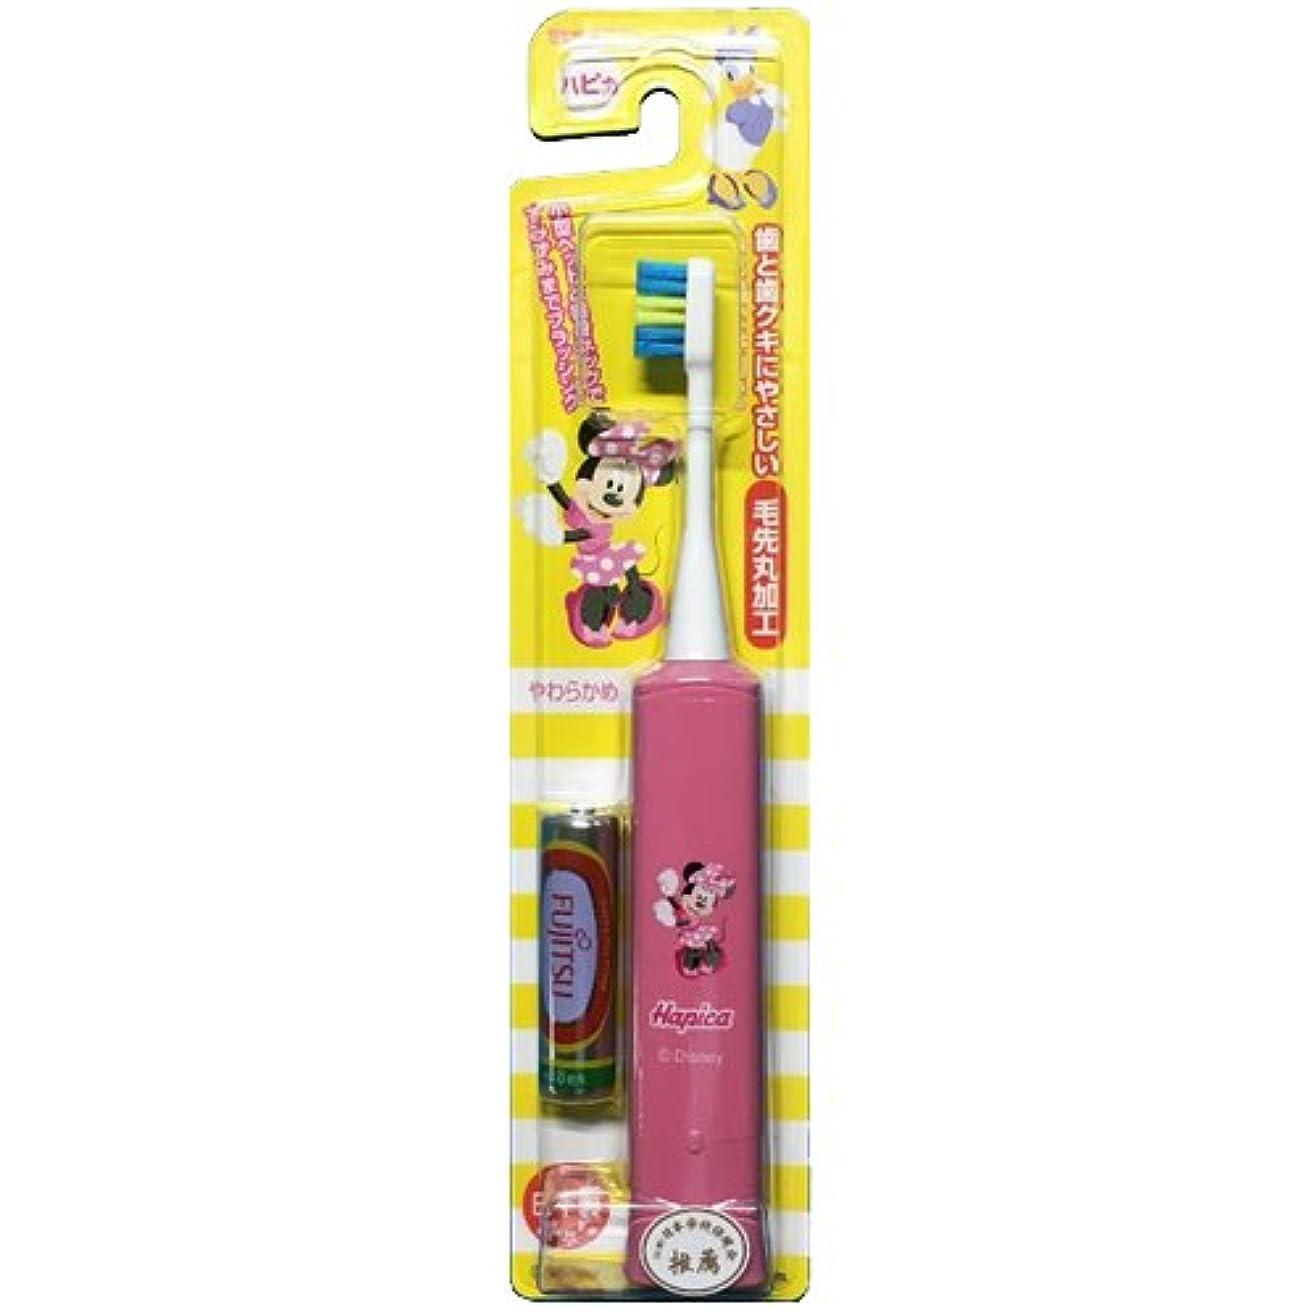 スマートに付ける別のミニマム 電動付歯ブラシ こどもハピカ ミニー(ピンク) 毛の硬さ:やわらかめ DBK-5P(MK)